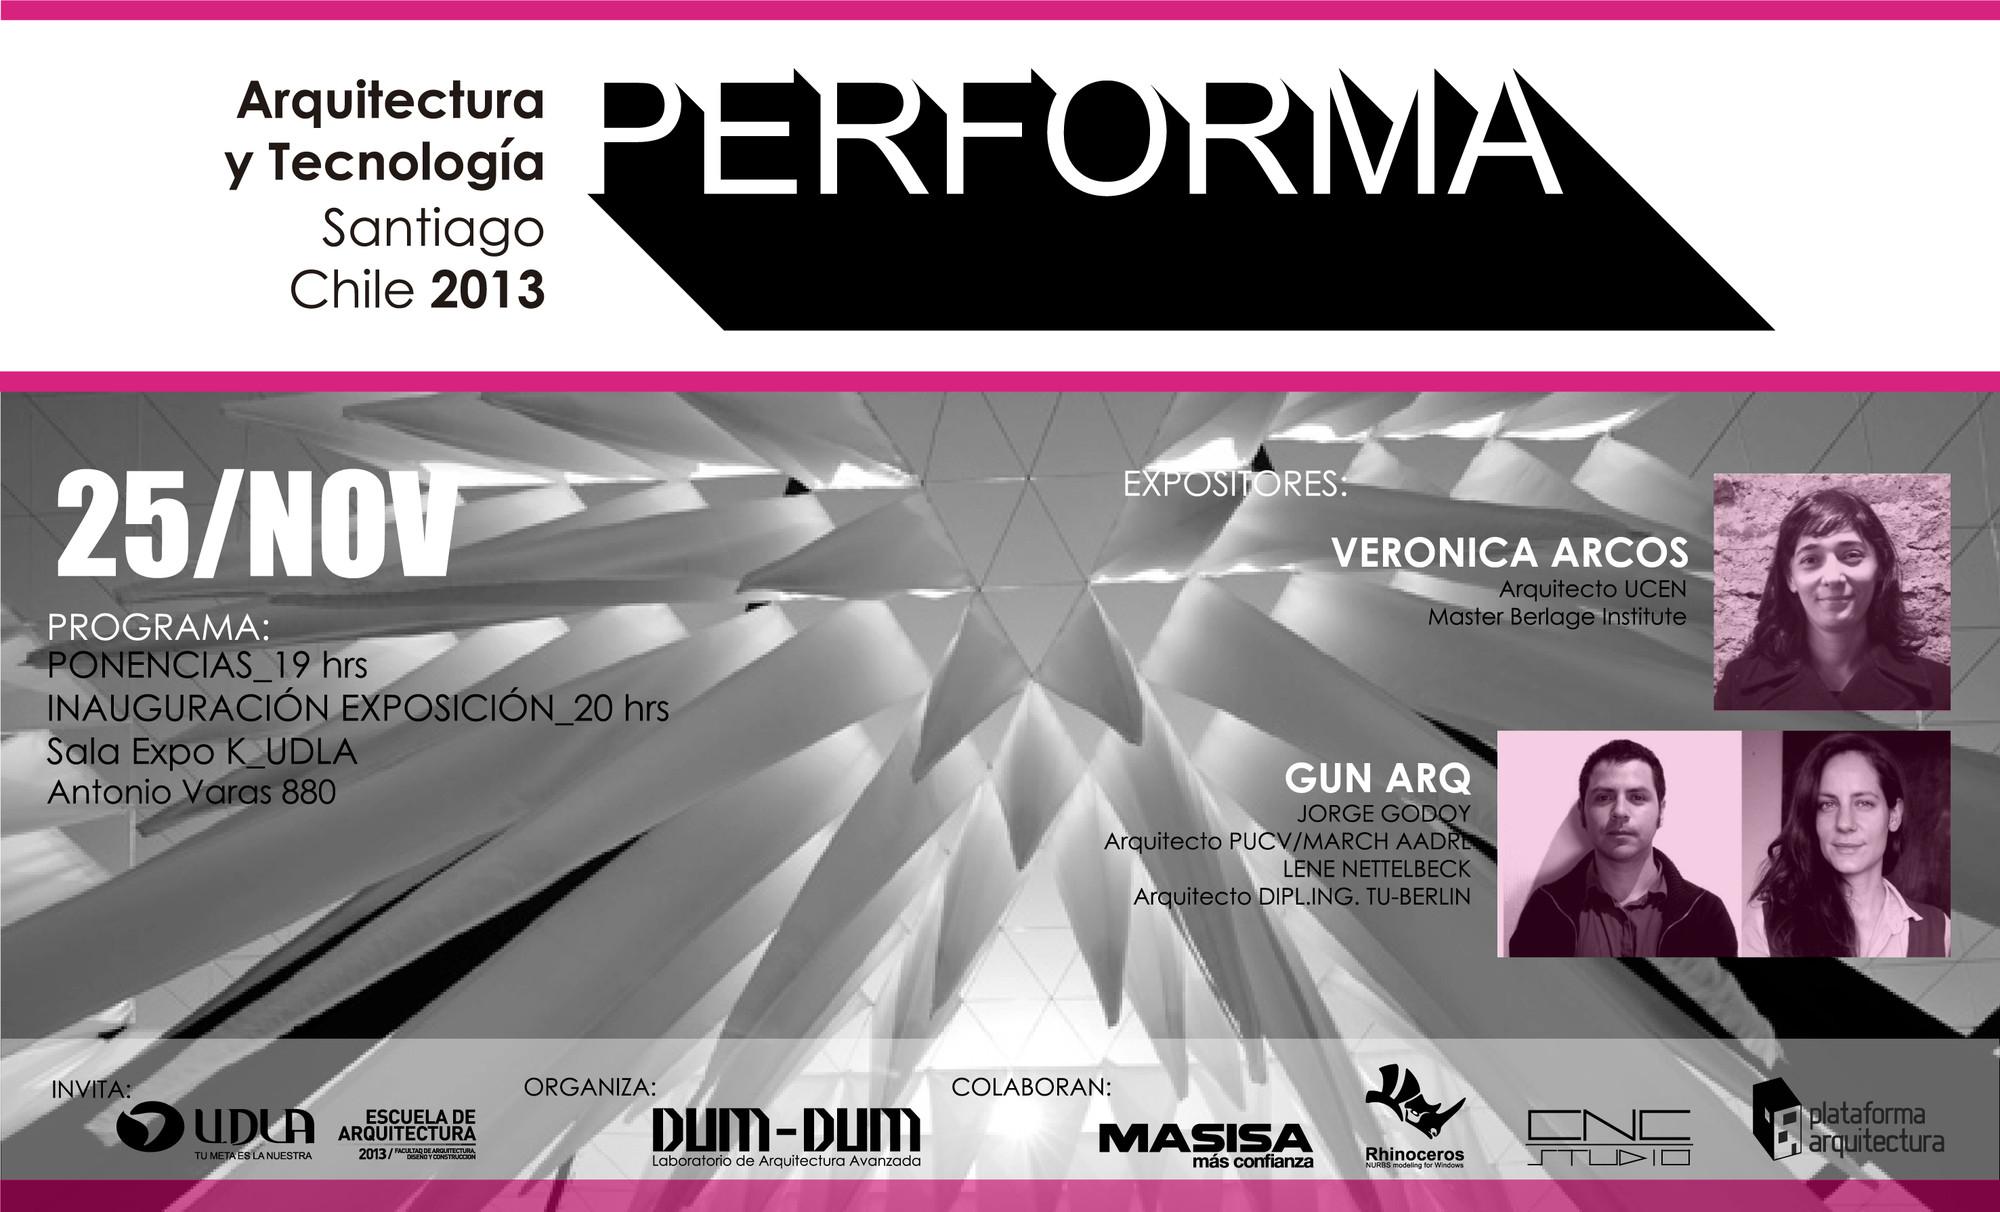 Charlas Arquitectura y Tecnología: PERFORMA 2013, GUN ARQ + Verónica Arcos, Courtesy of Dum - Dum Lab